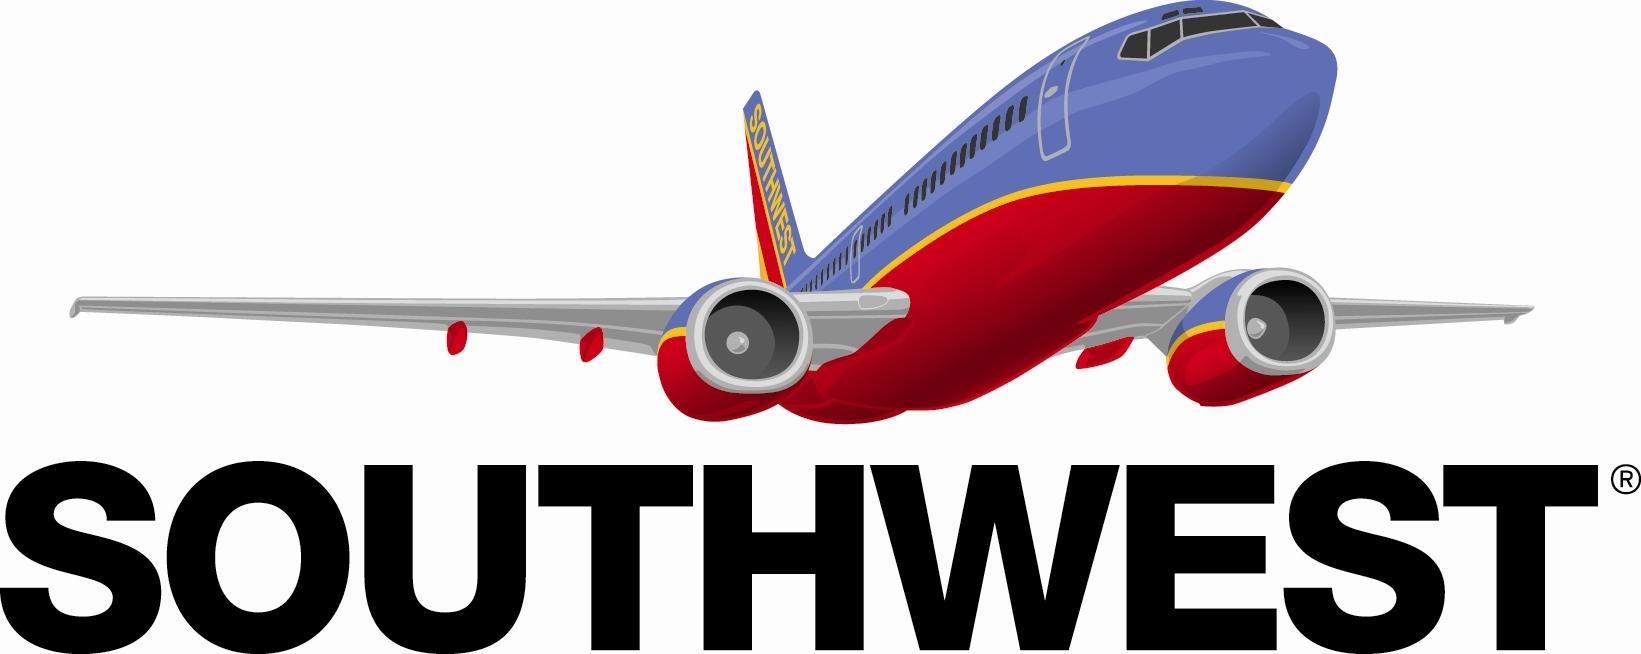 Southwest plane clipart transparent vector transparent Southwest airlines clipart - ClipartFest vector transparent